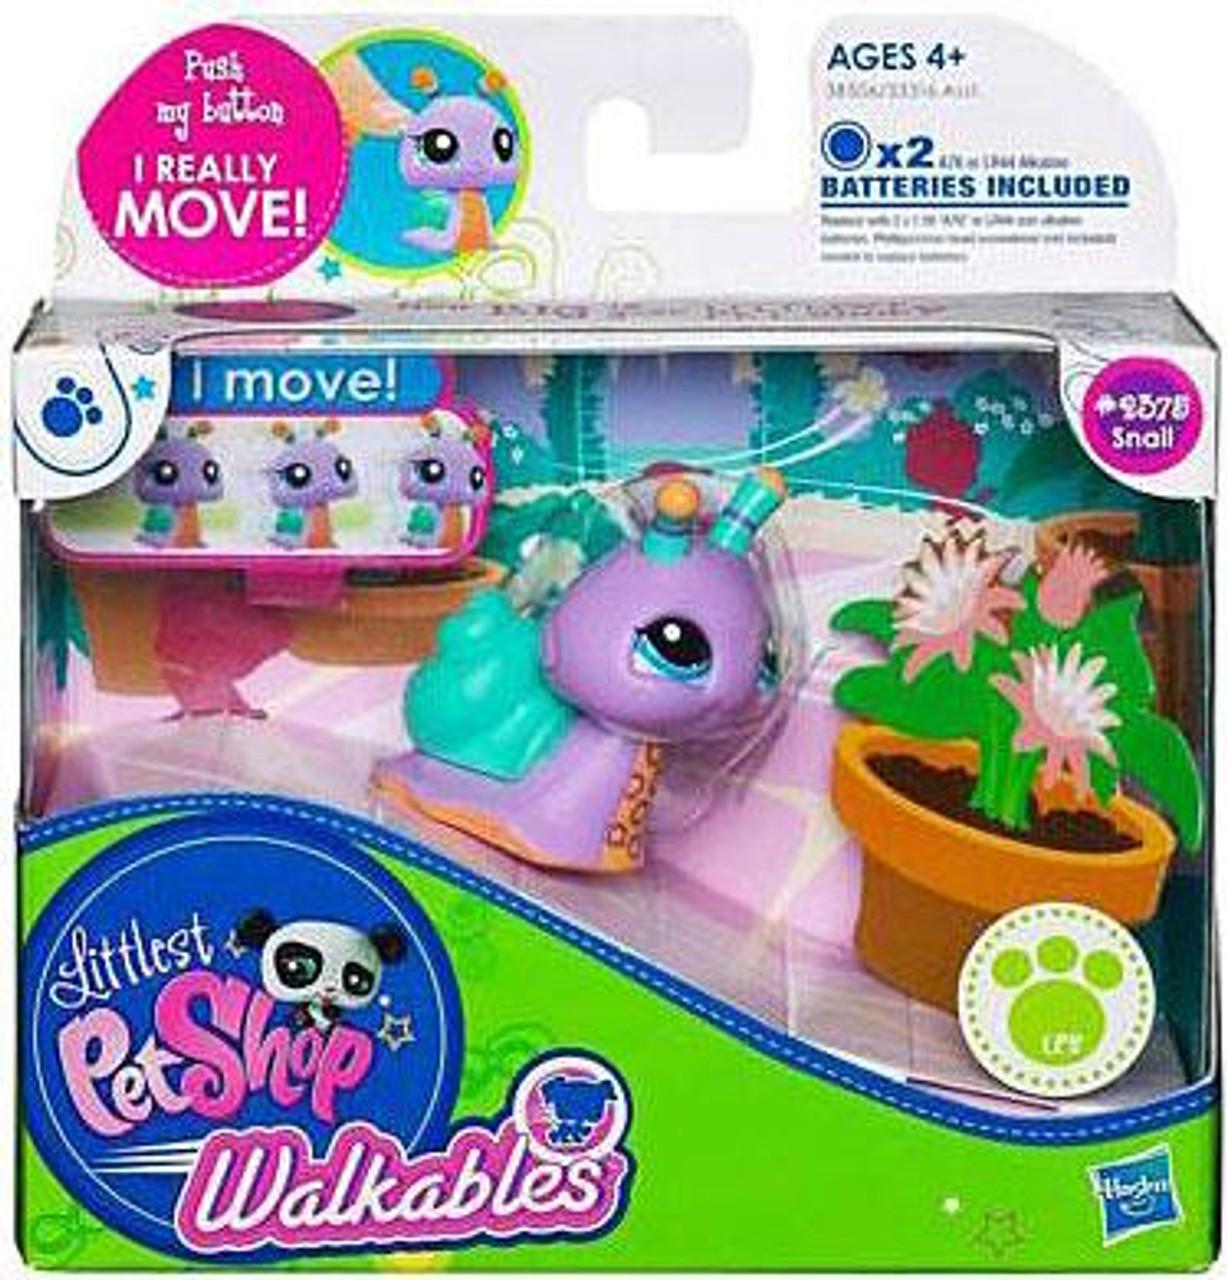 Littlest Pet Shop Walkables Snail Figure #2375 [Purple]